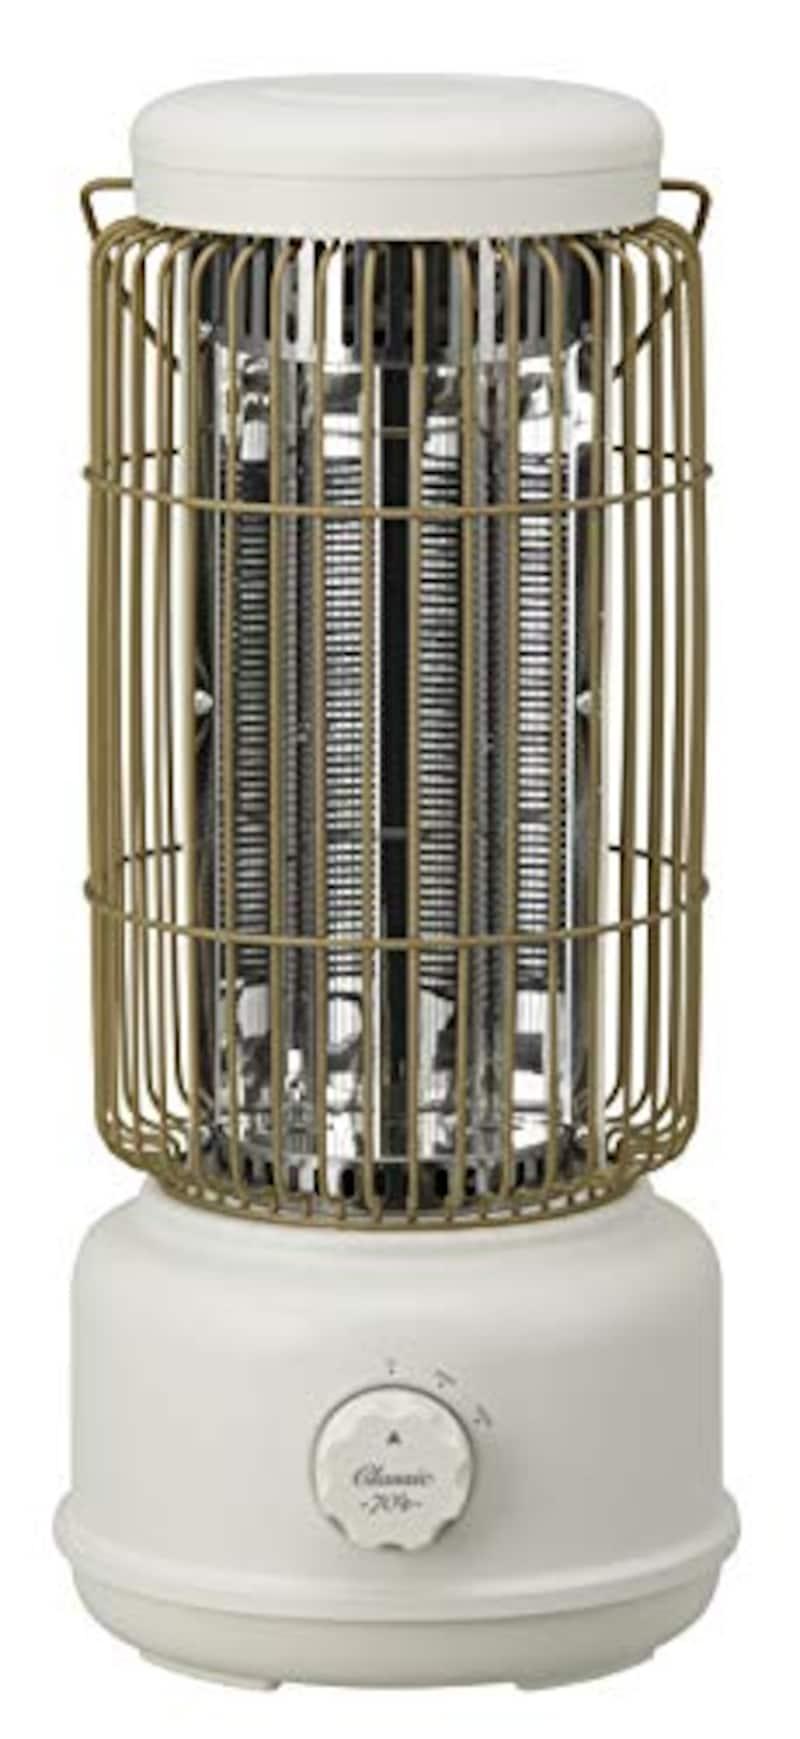 スリーアップ(THREEUP),レトロカーボンヒーター CLASSIC -70's-,RT-T1845